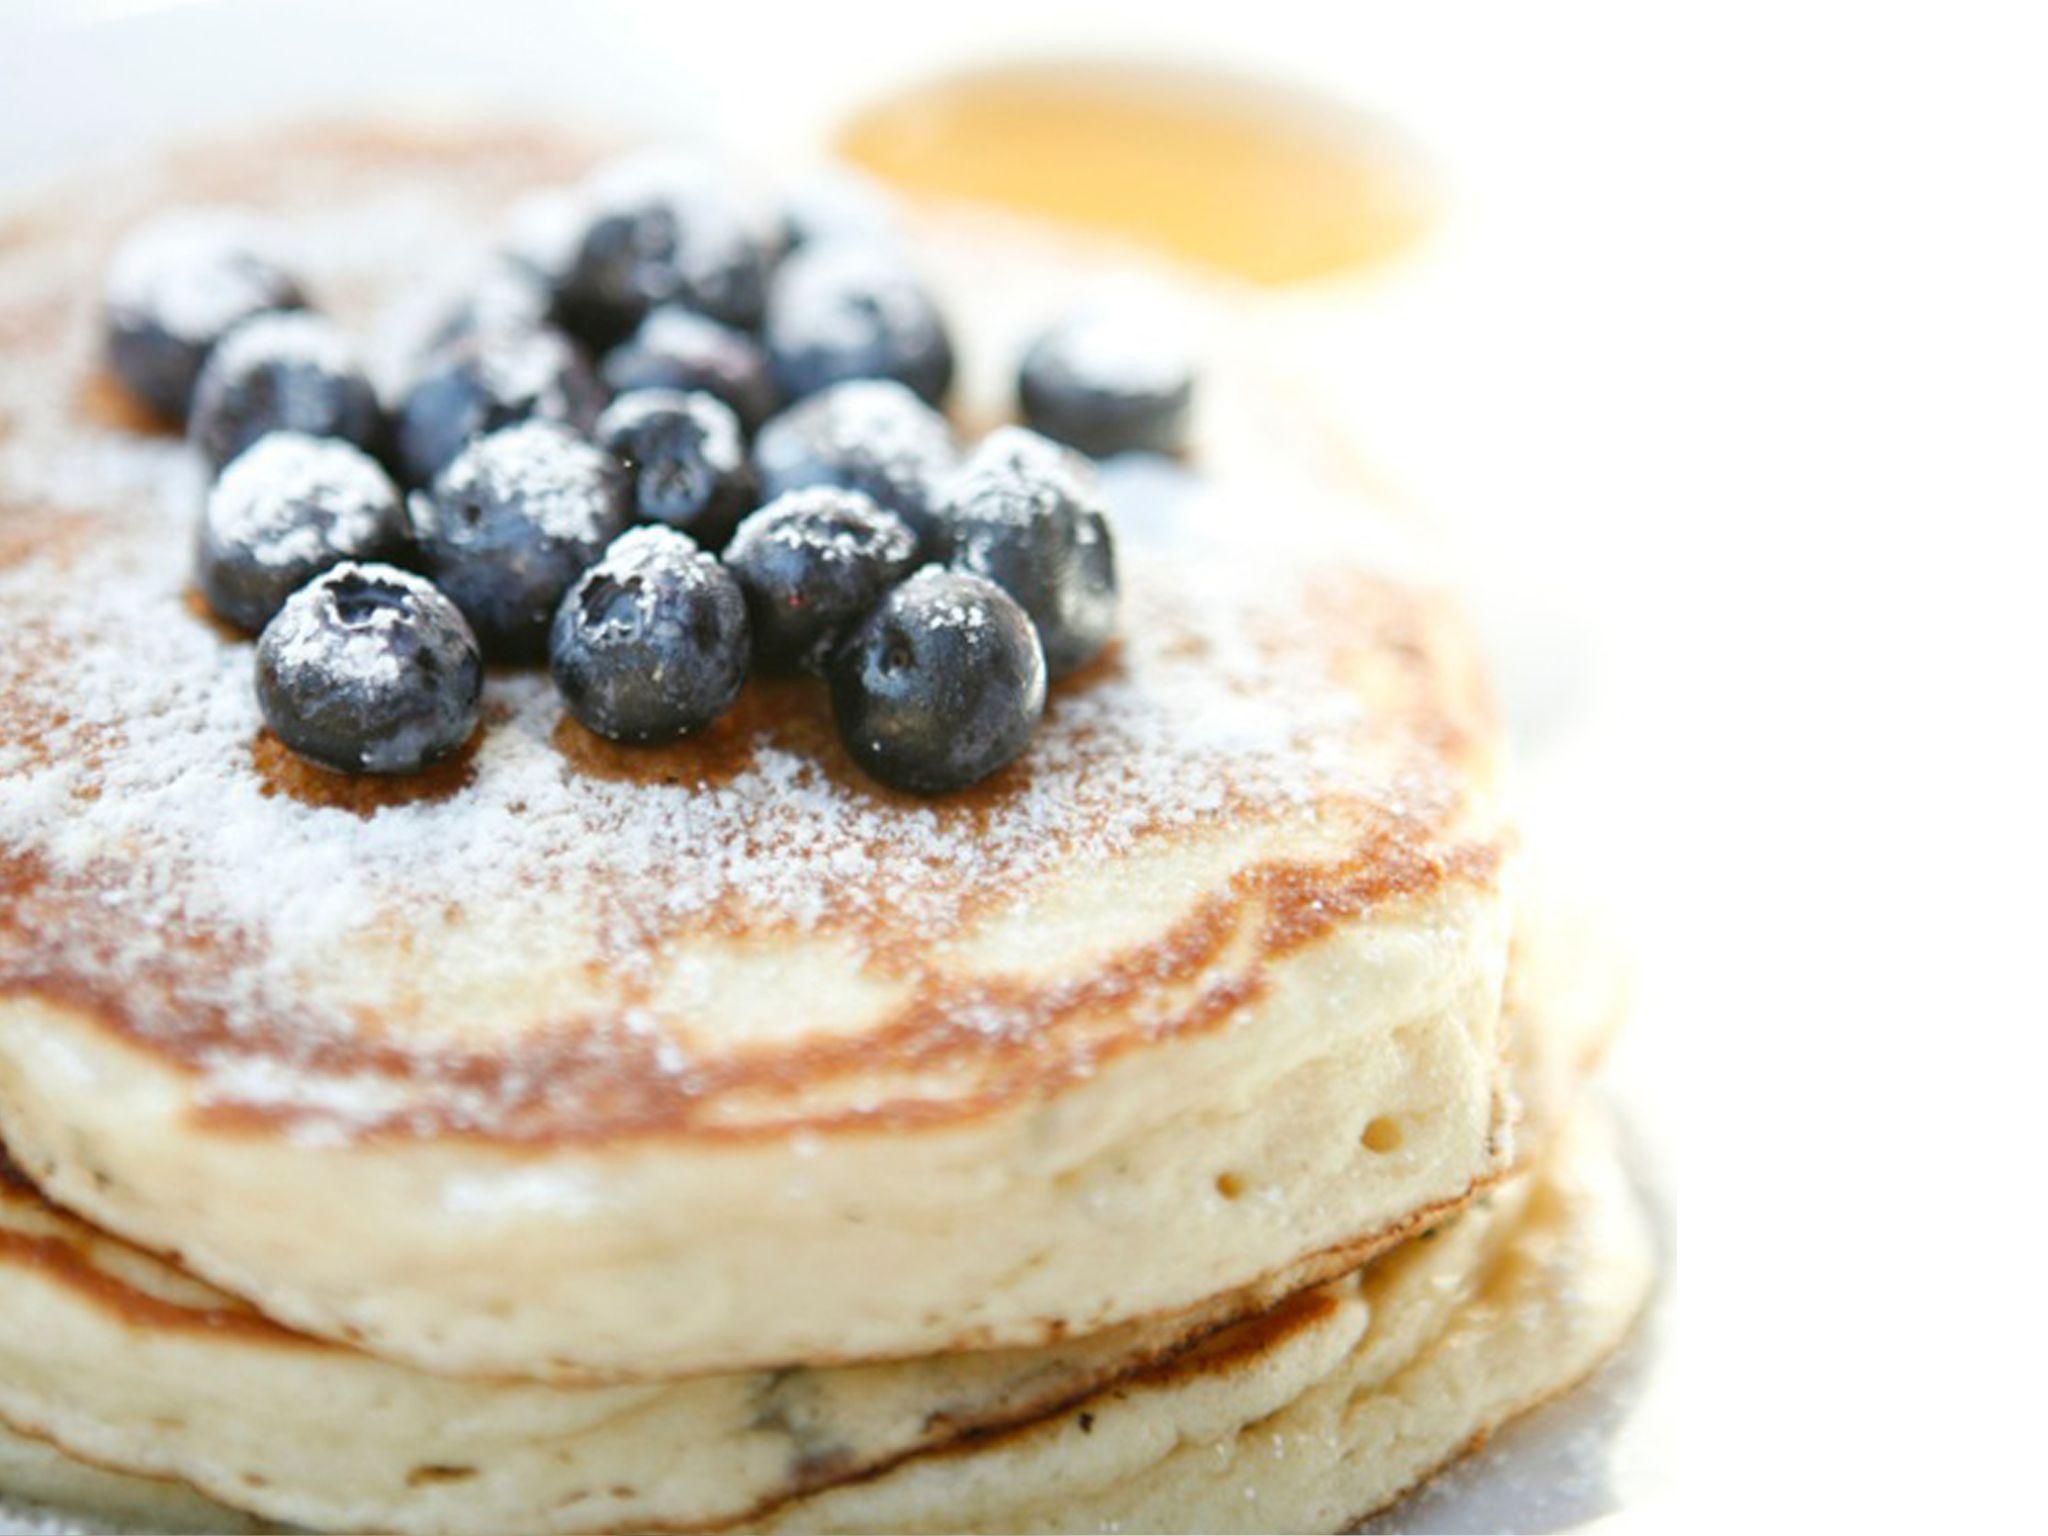 Clinton st baking co restaurant new york ny food network restaurant restaurant forumfinder Images